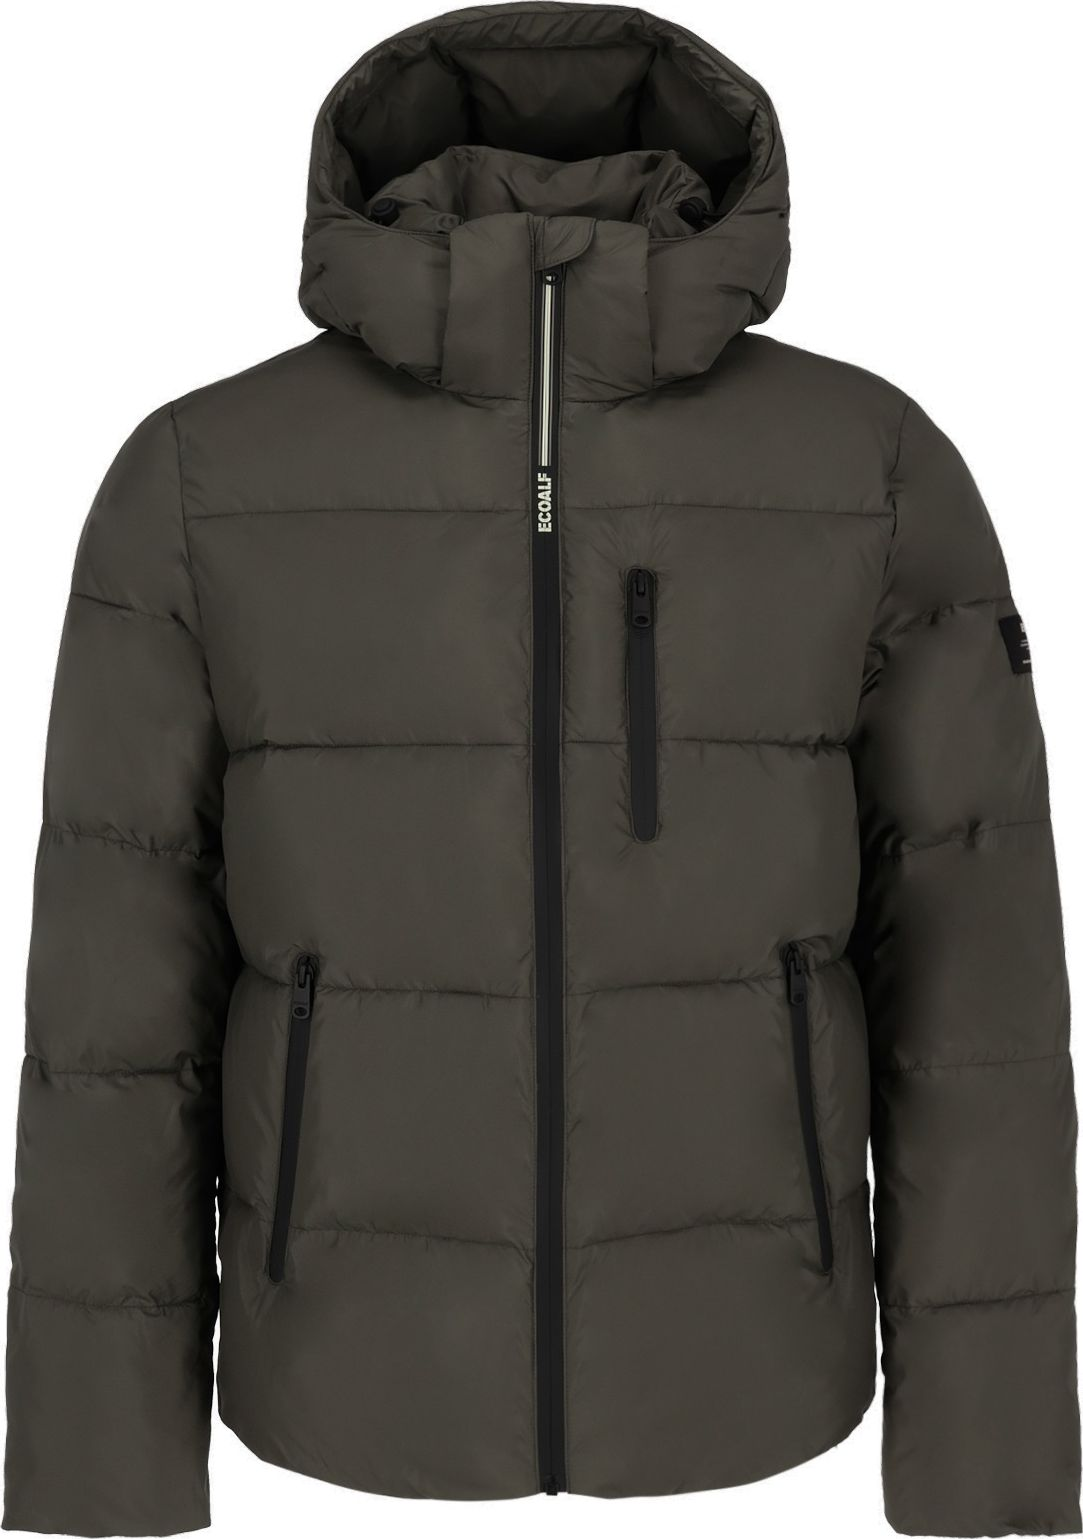 ECOALF Bazalf Jacket Men's Olive L